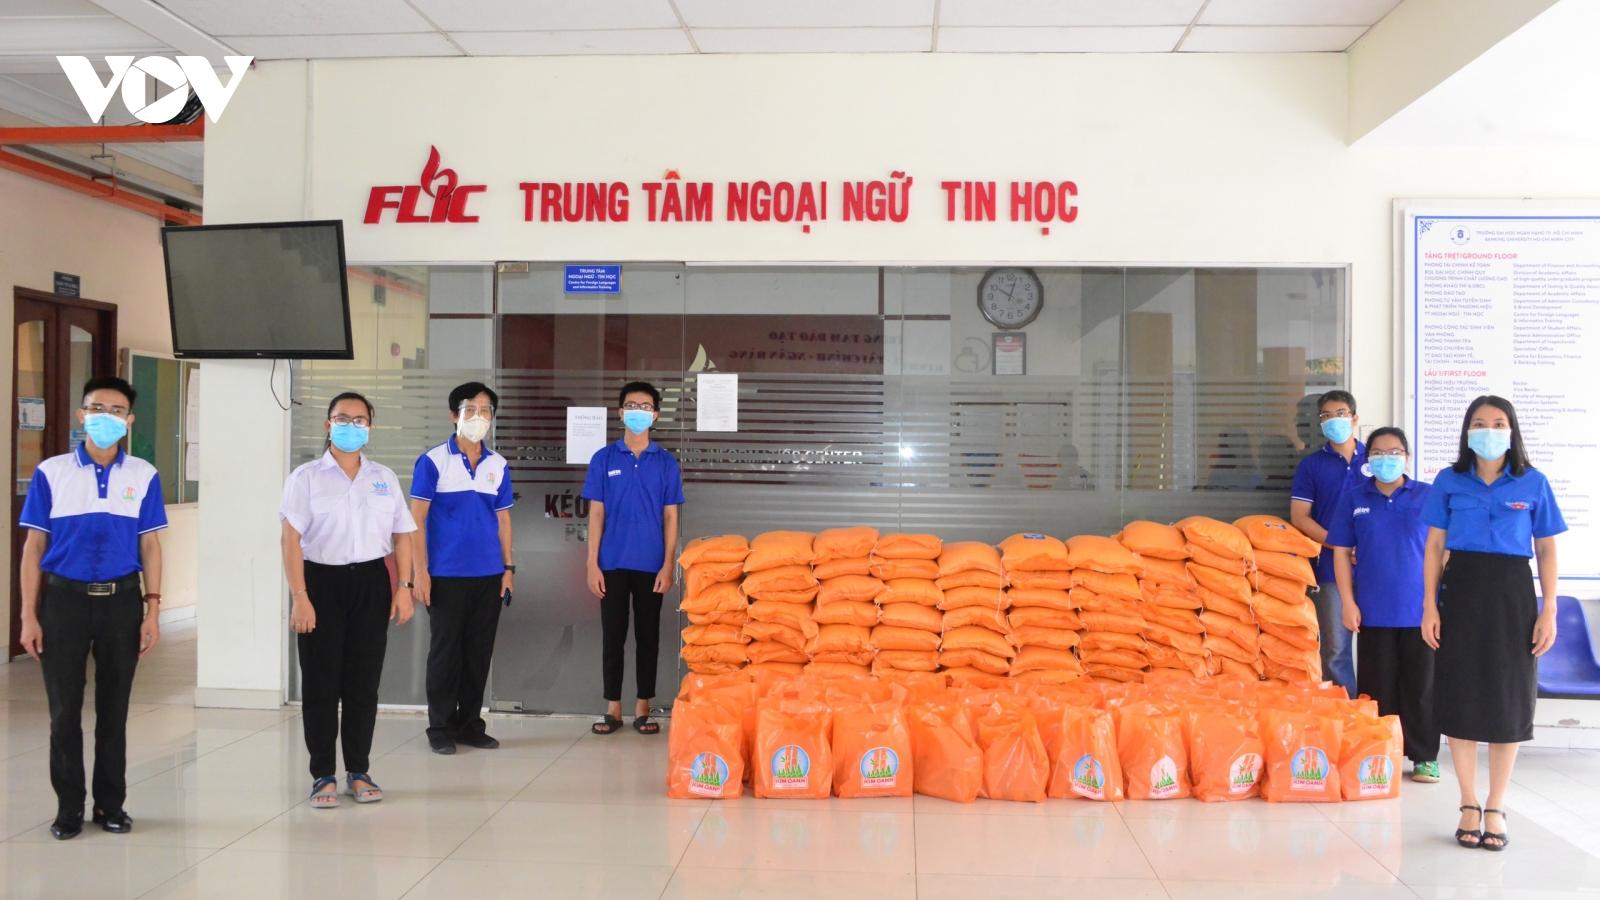 Quỹ từ thiện Kim Oanh tặng 180 tấn gạo cho người dân vùng dịch